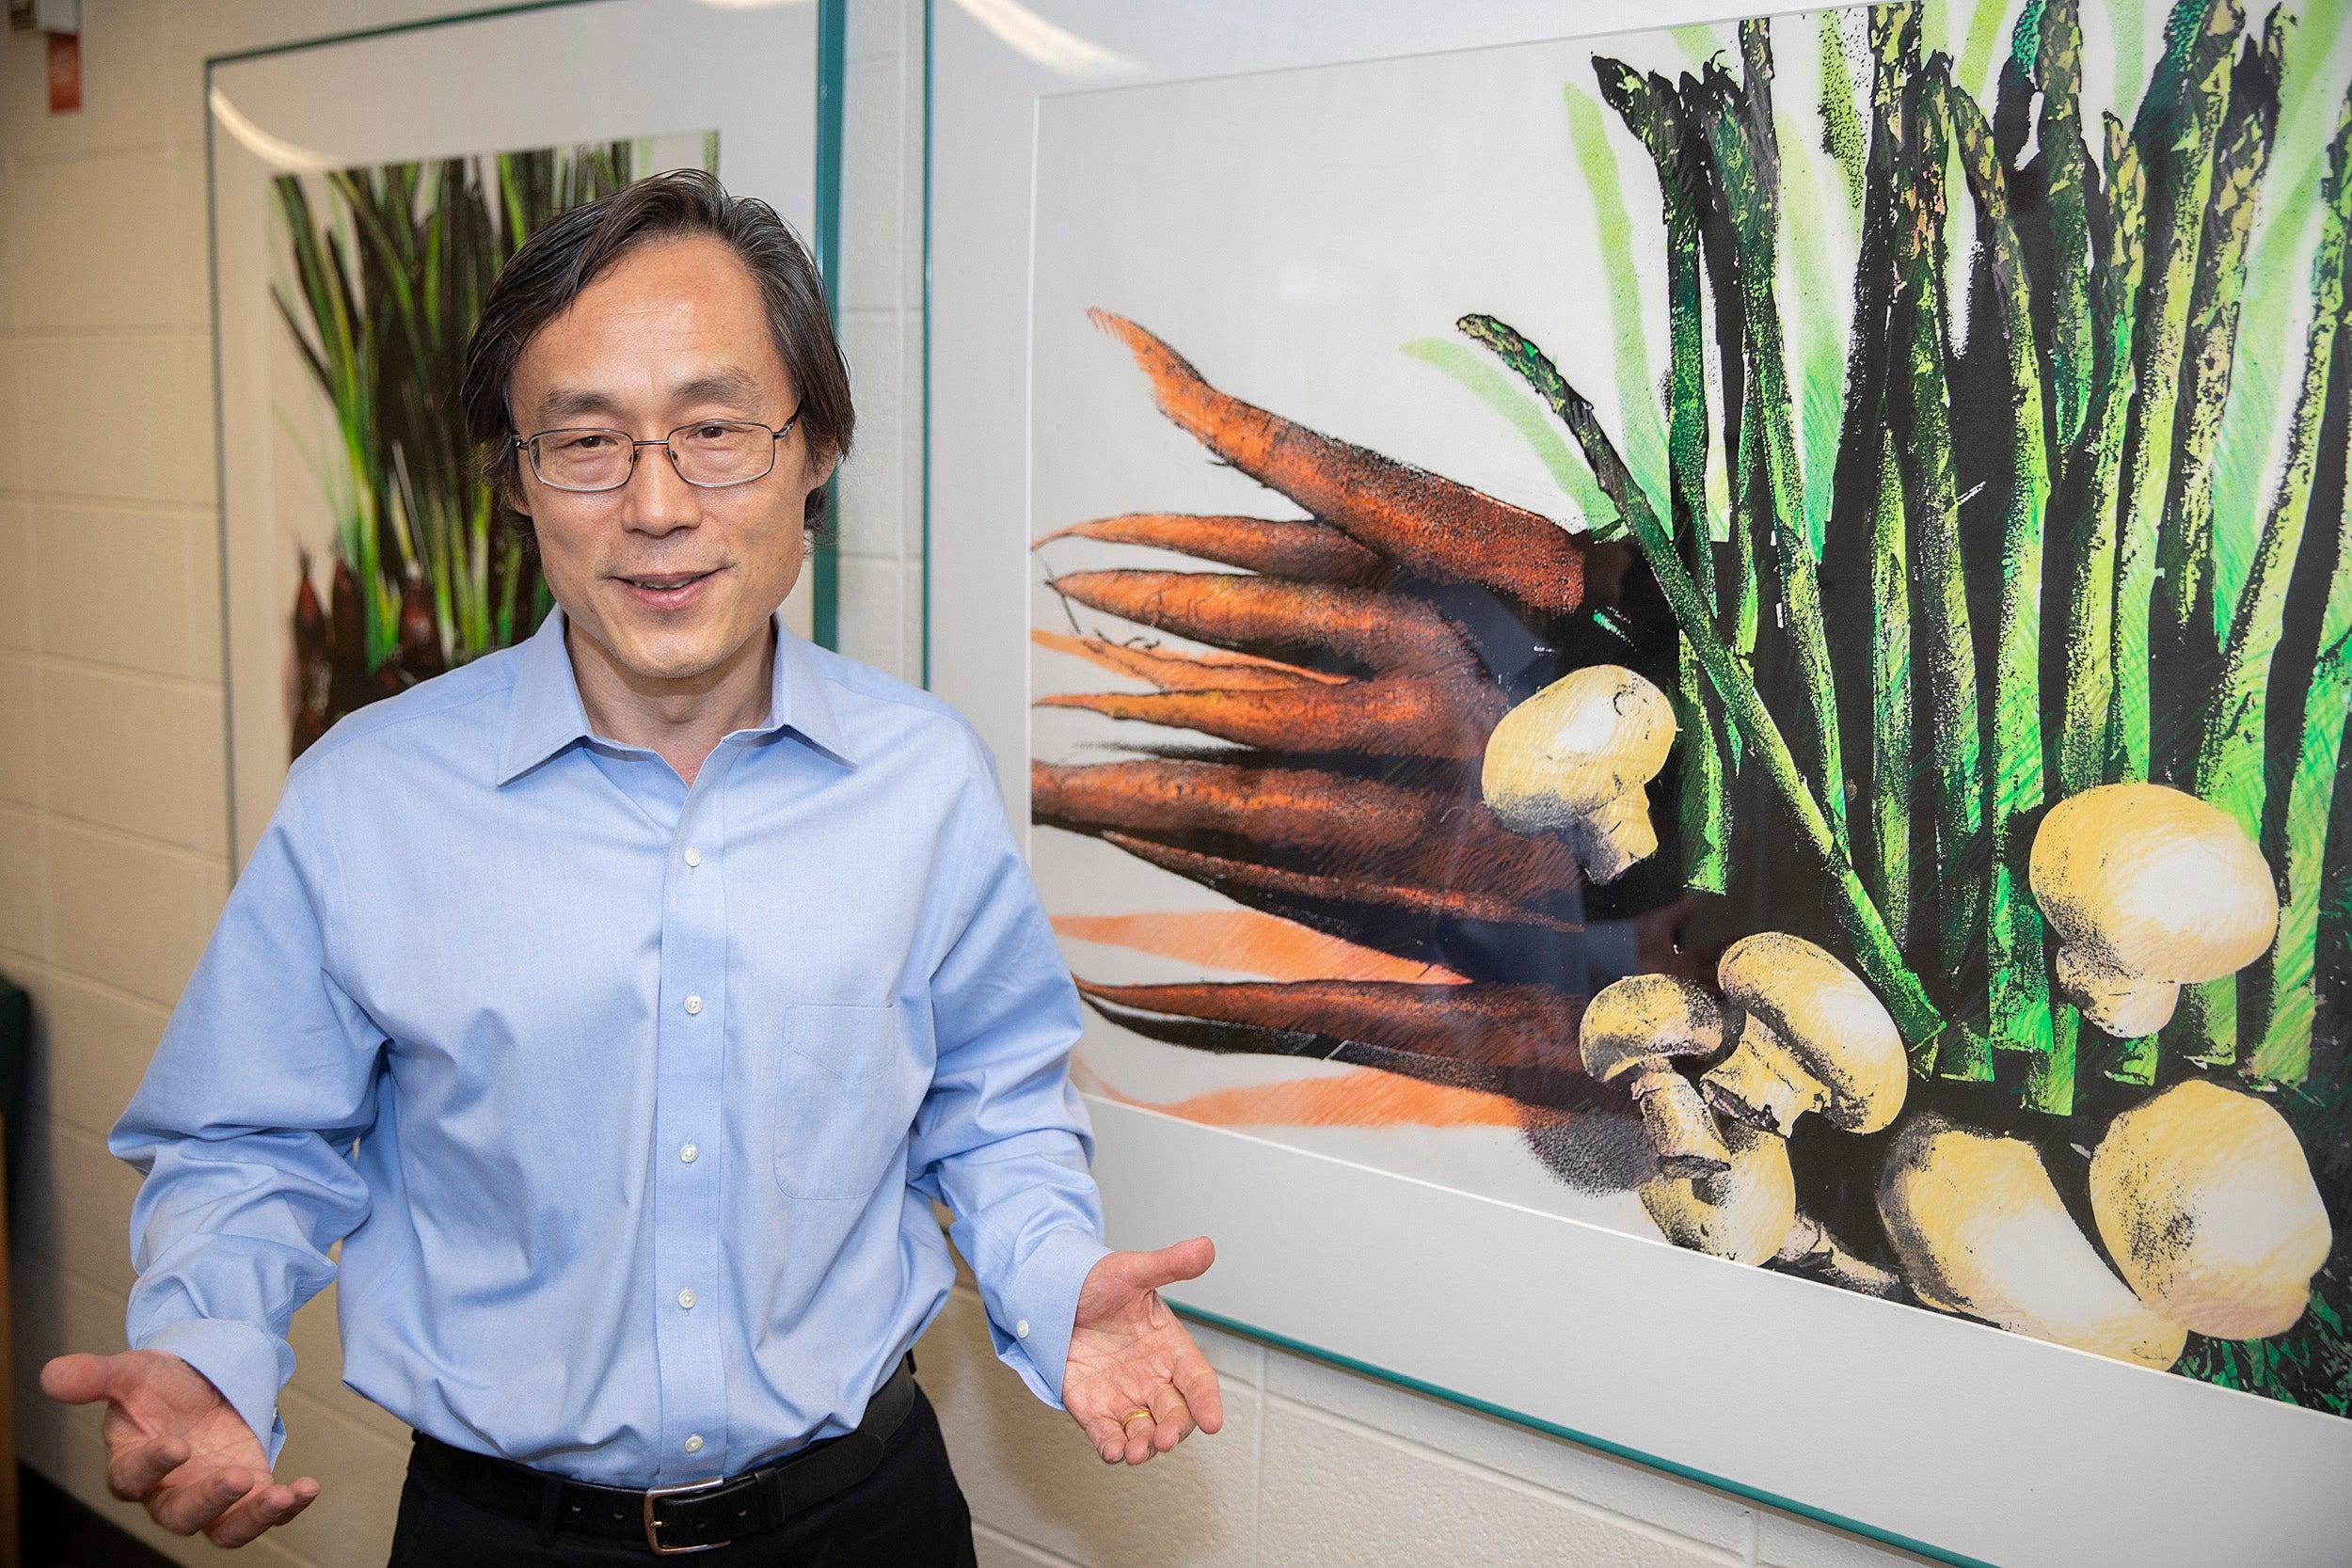 Harvard Professor Frank Hu